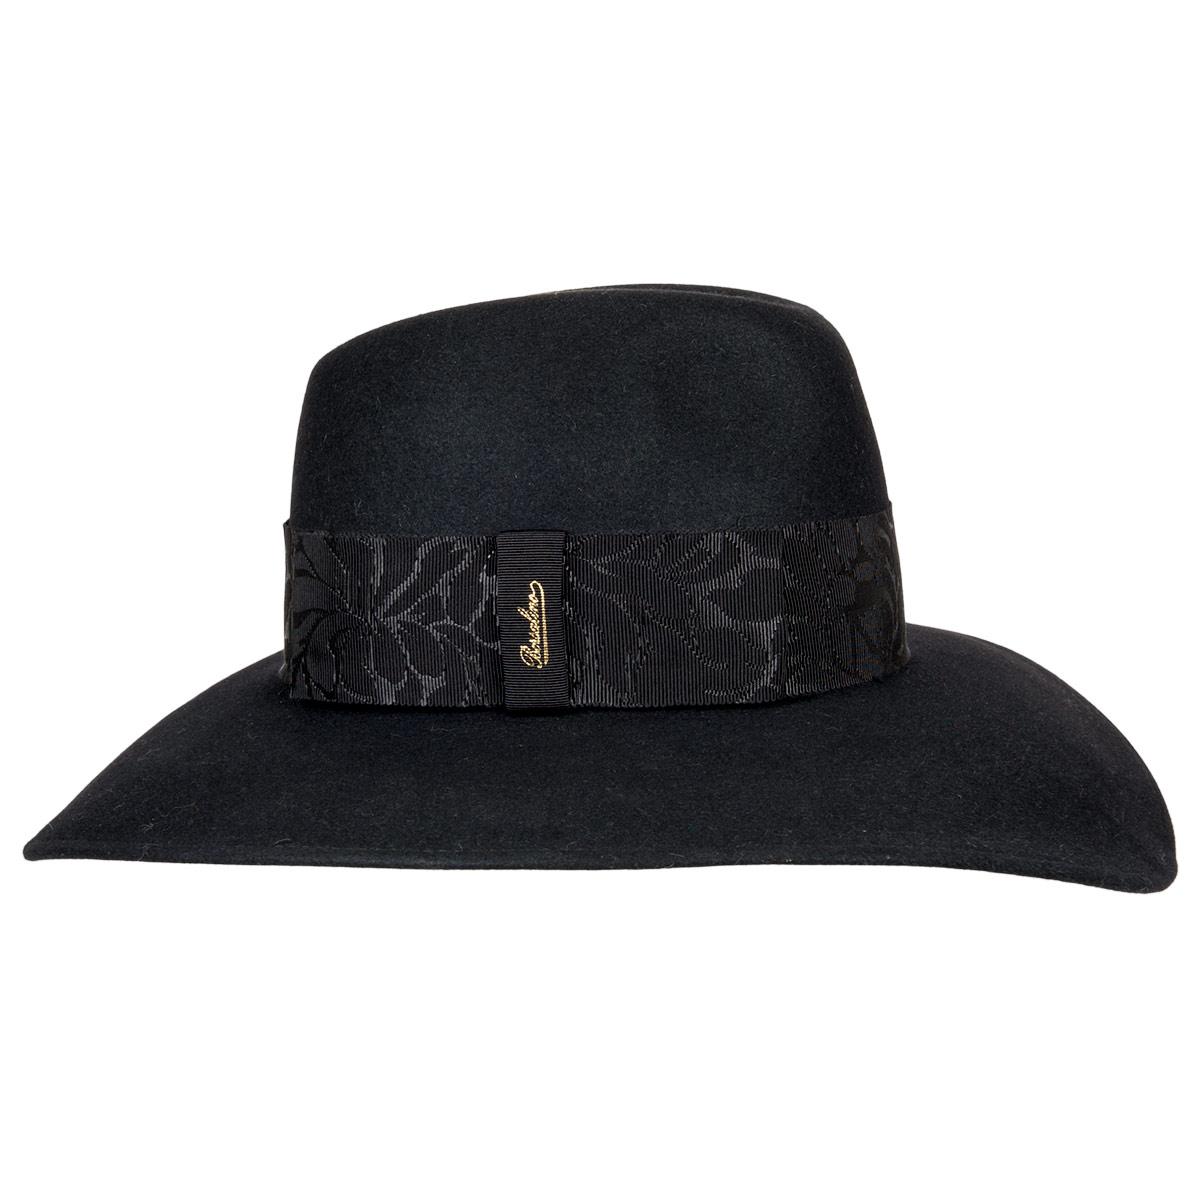 Amalia cappello leggero in pelo fine firmato BORSALINO ... 2ce85b86f026